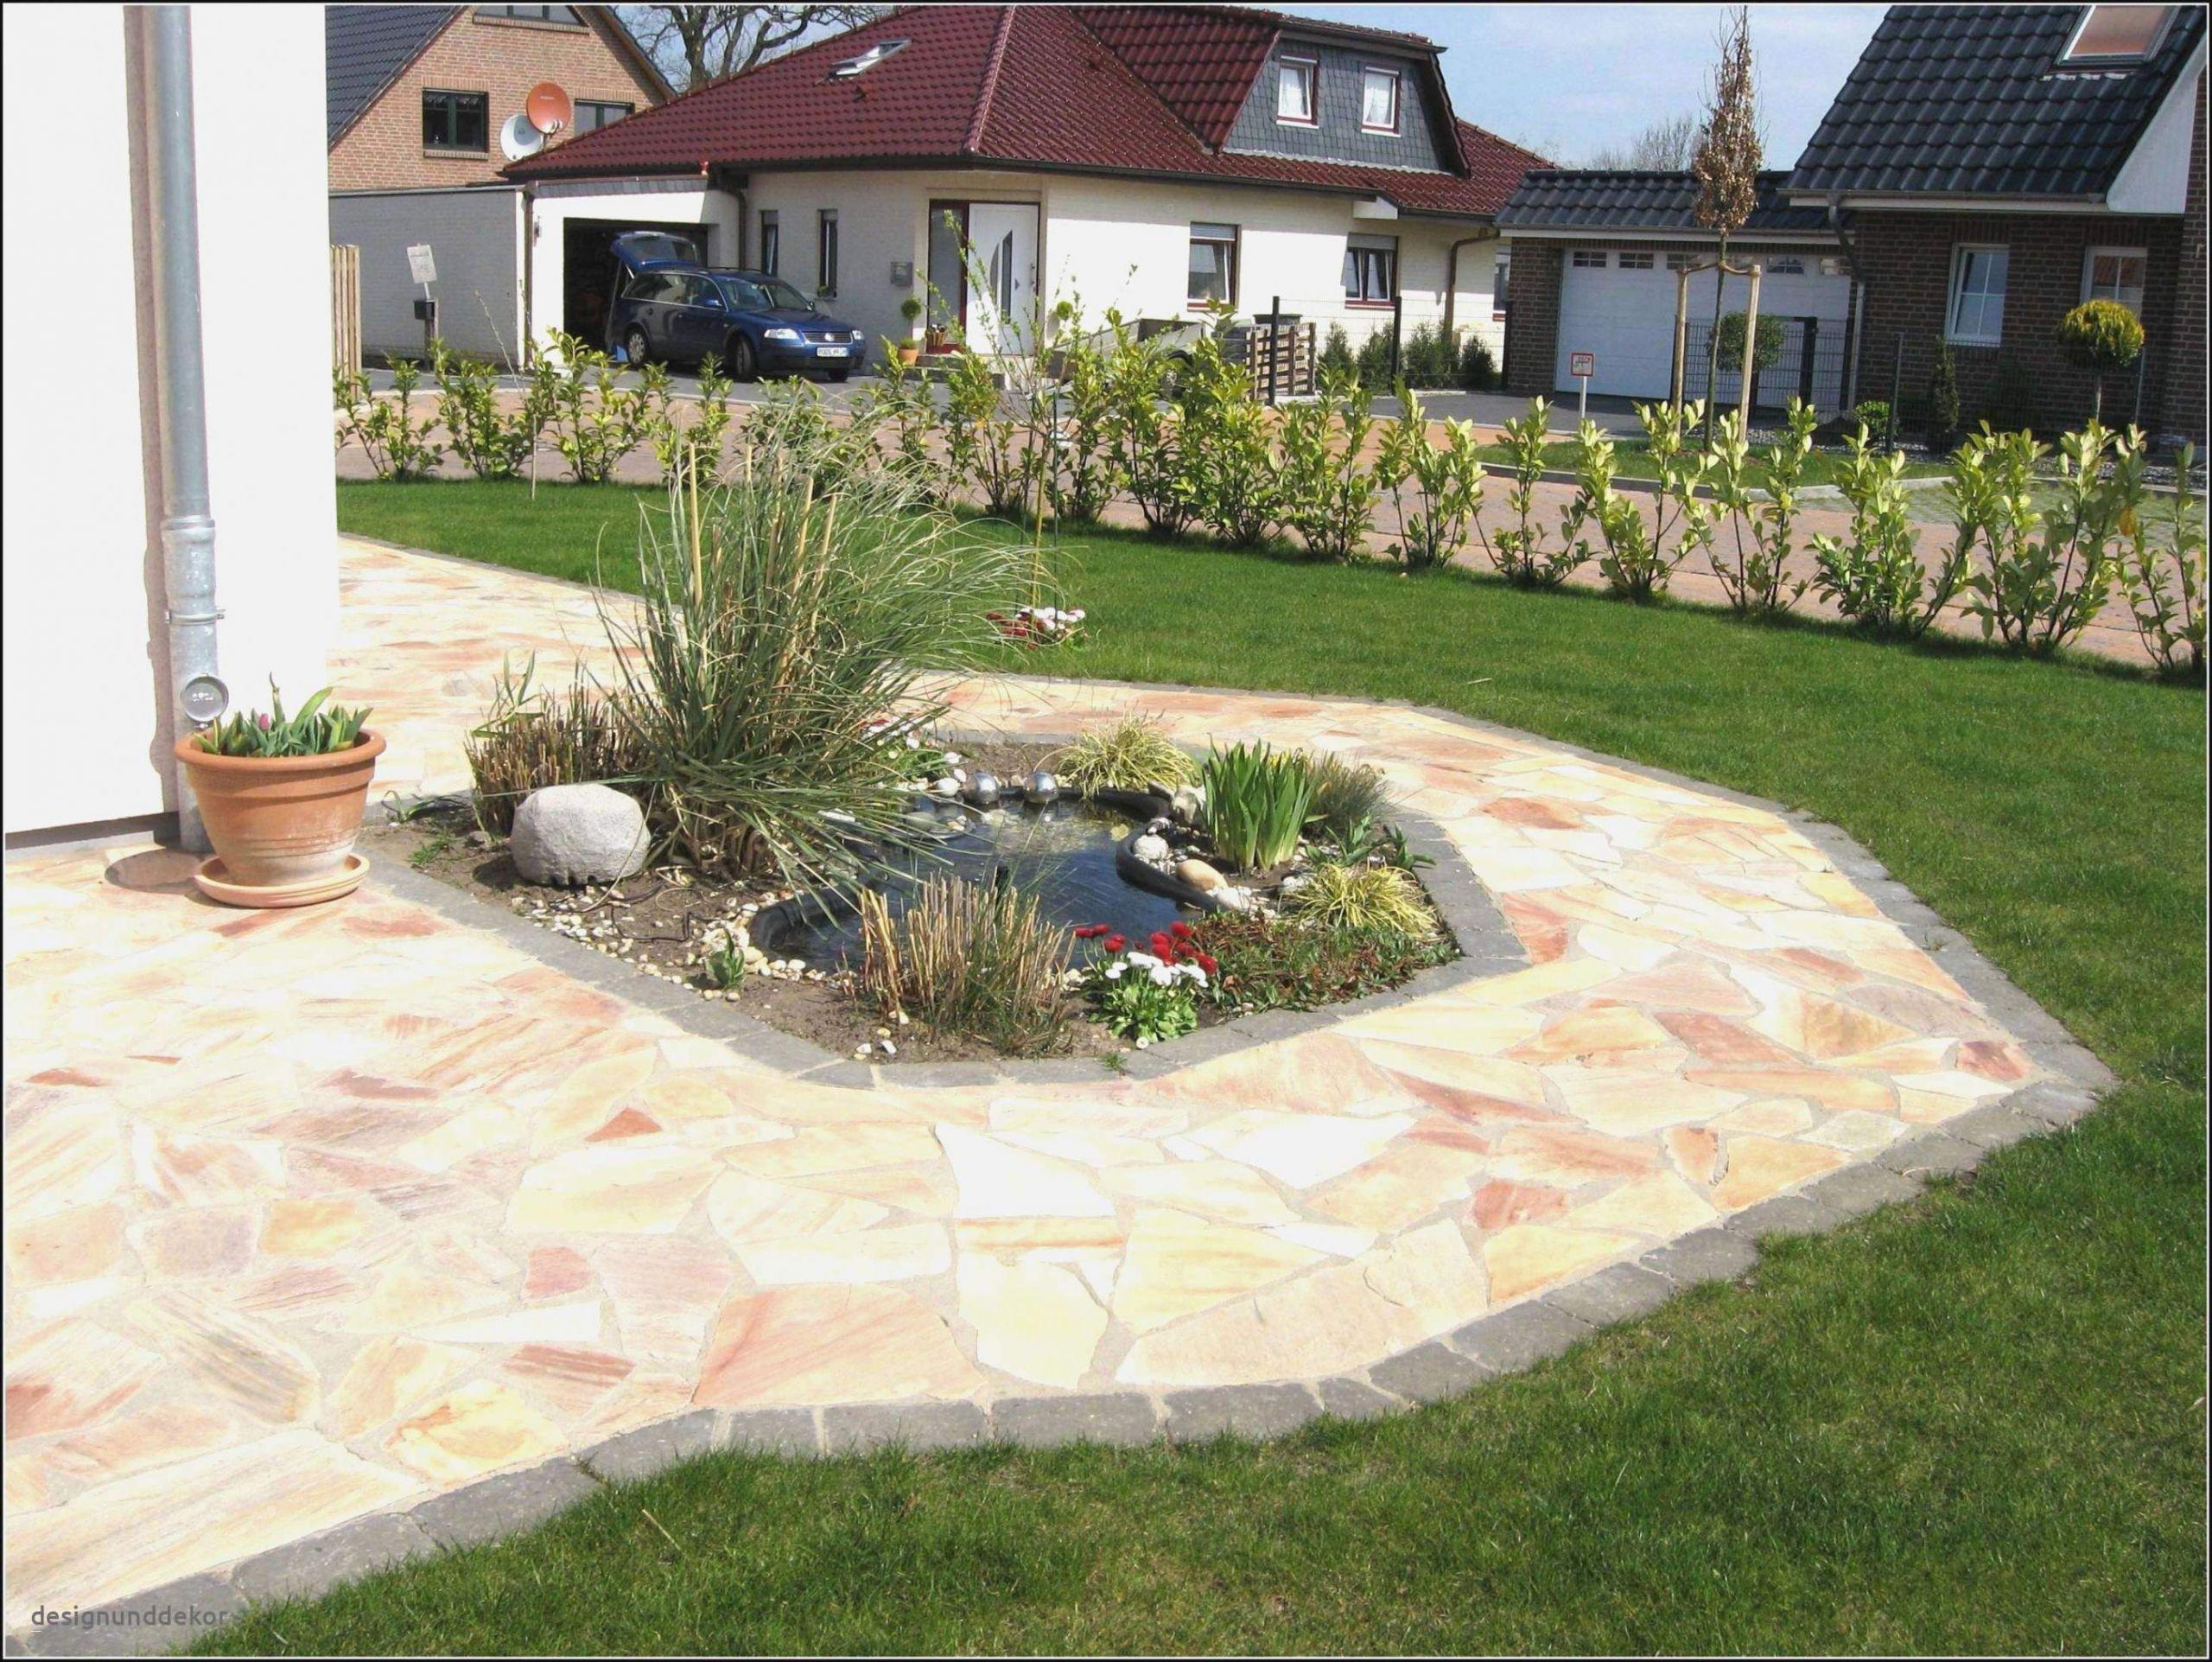 Sitzecke Garten Ideen Best Of 27 Luxus Garten Gestalten Mit Steinen Neu